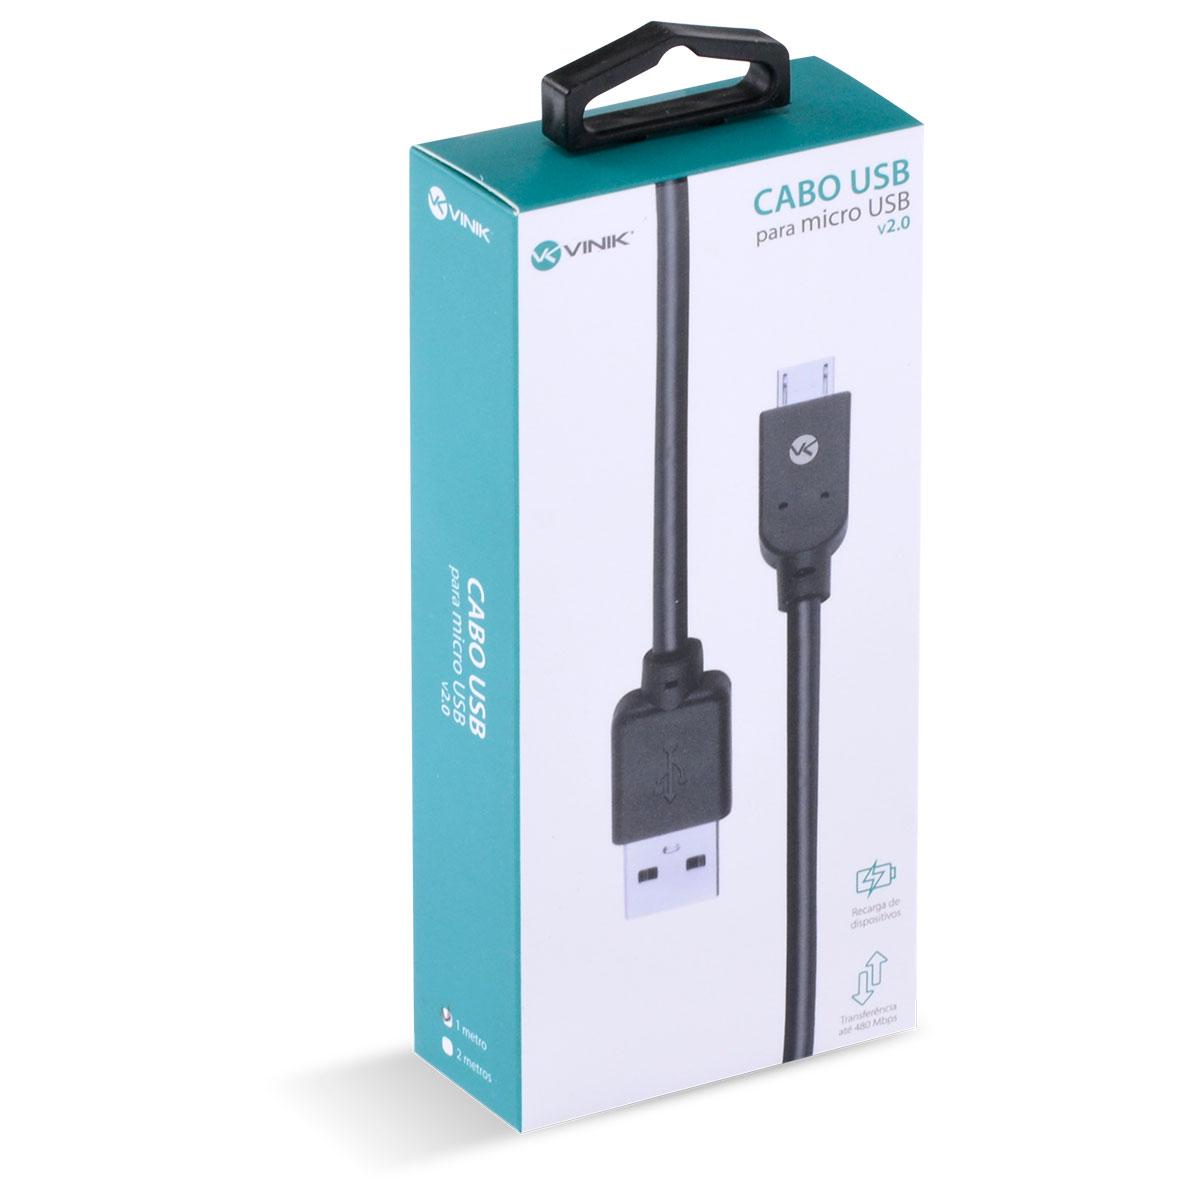 CABO USB X MICRO USB B 2.0 5 PINOS 1 METRO PRETO - MUSB-1